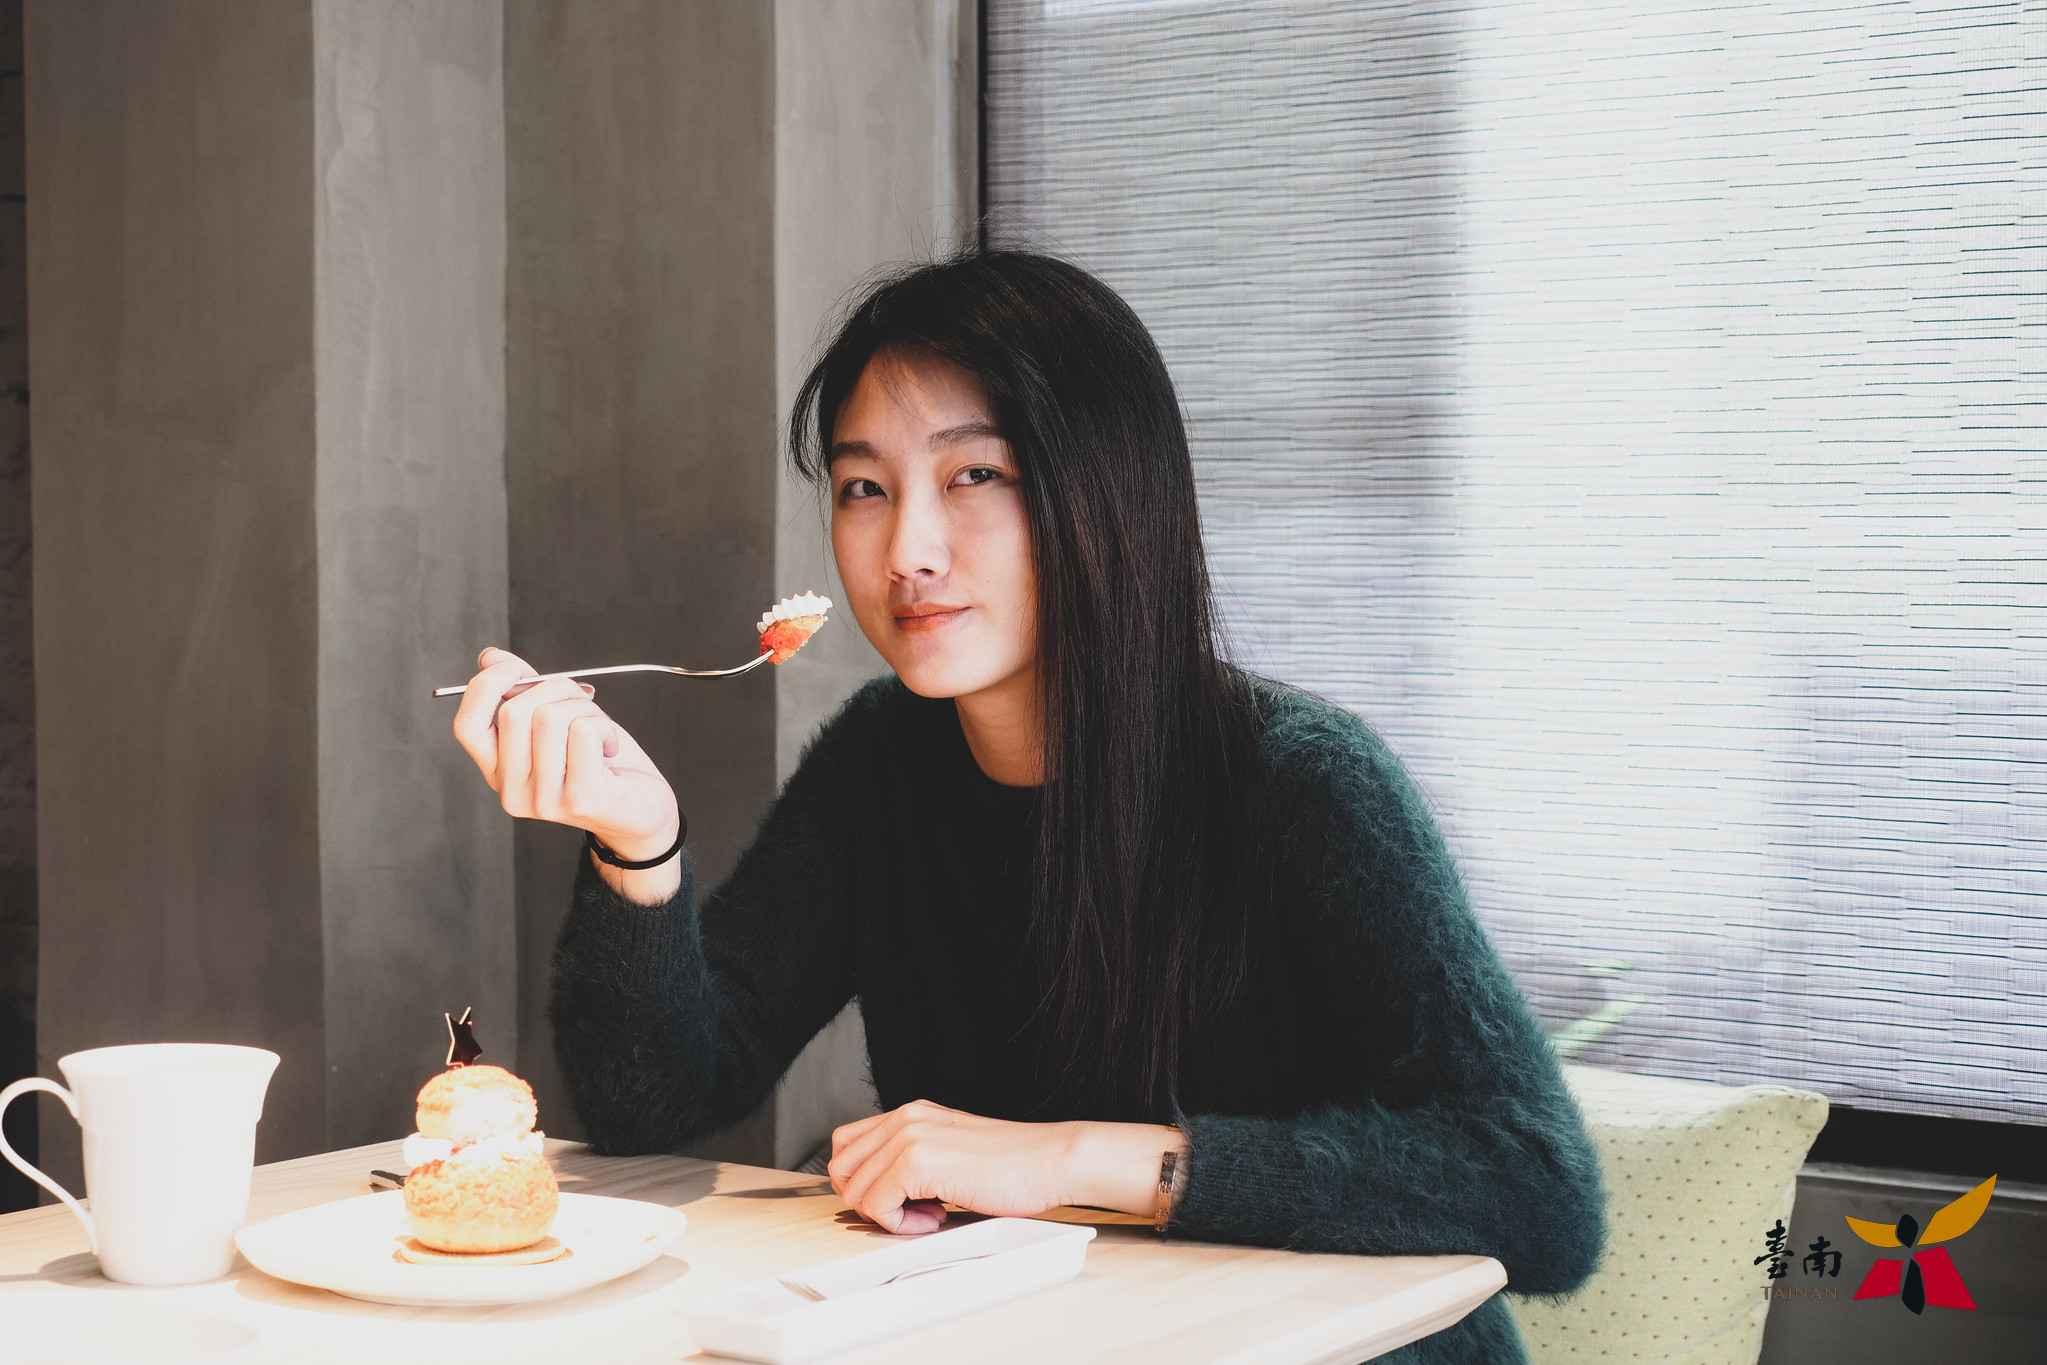 台南法式甜點 - Mytainan - 12